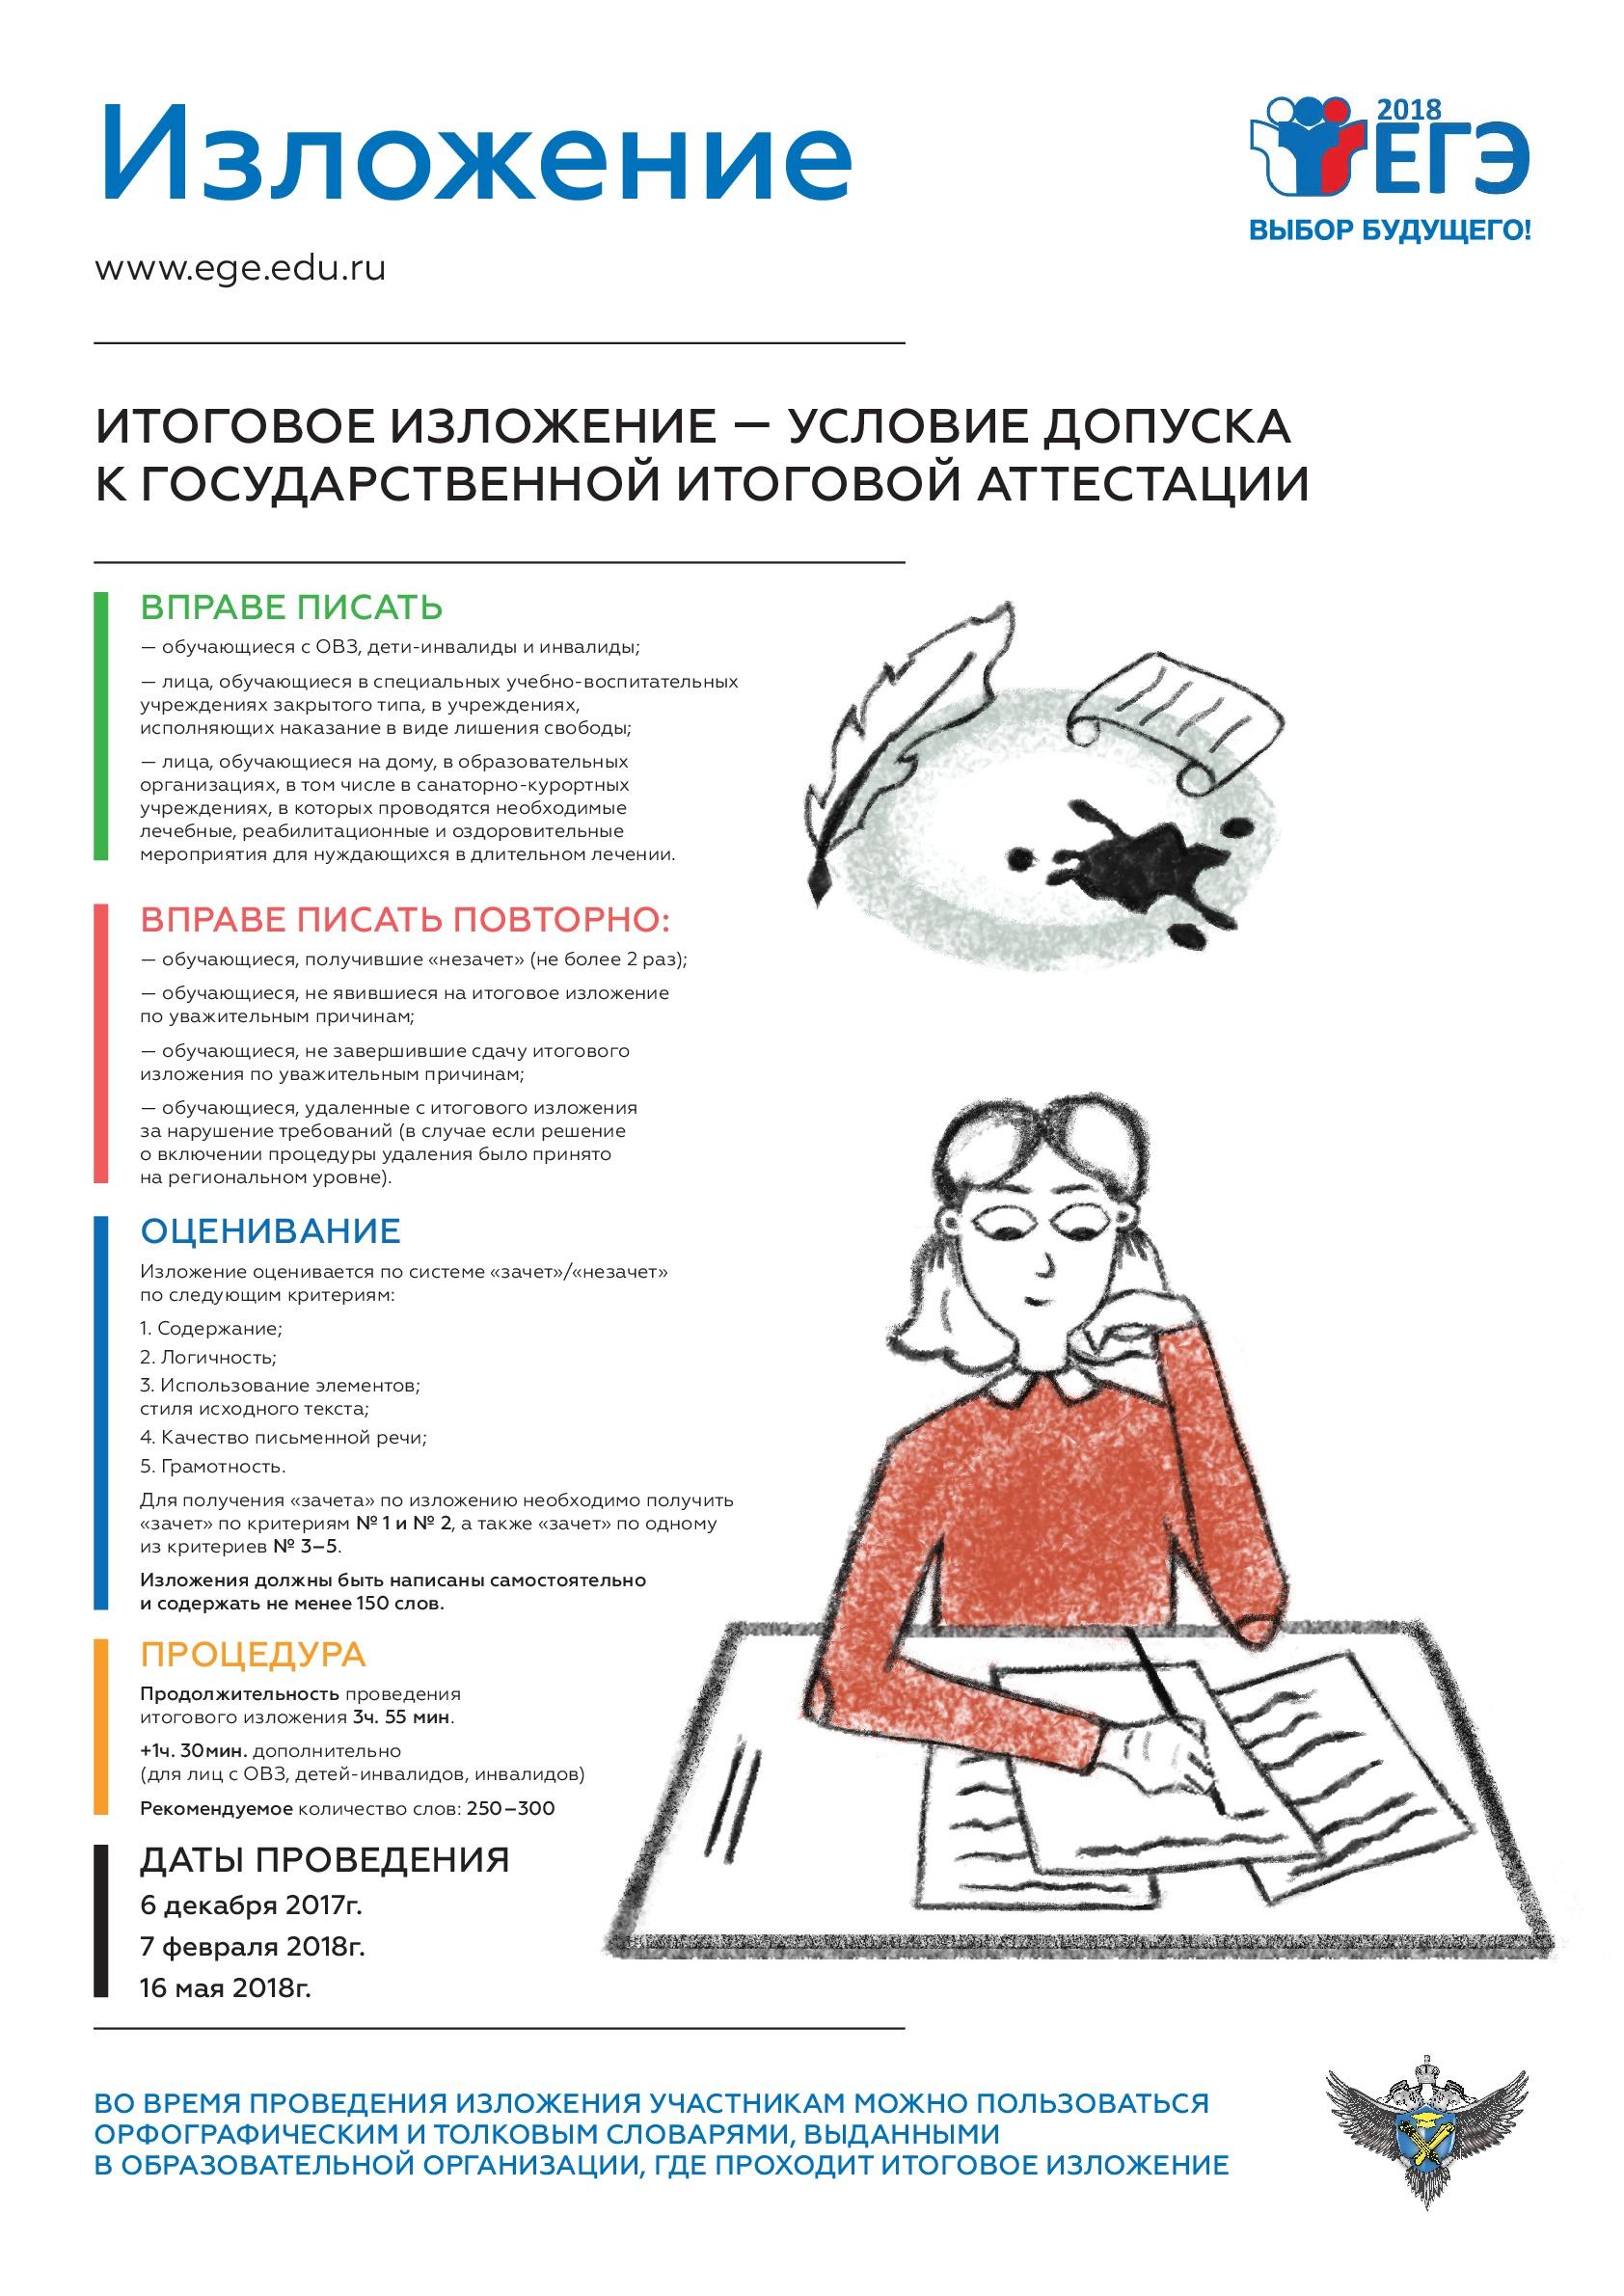 Izlozhenie-001